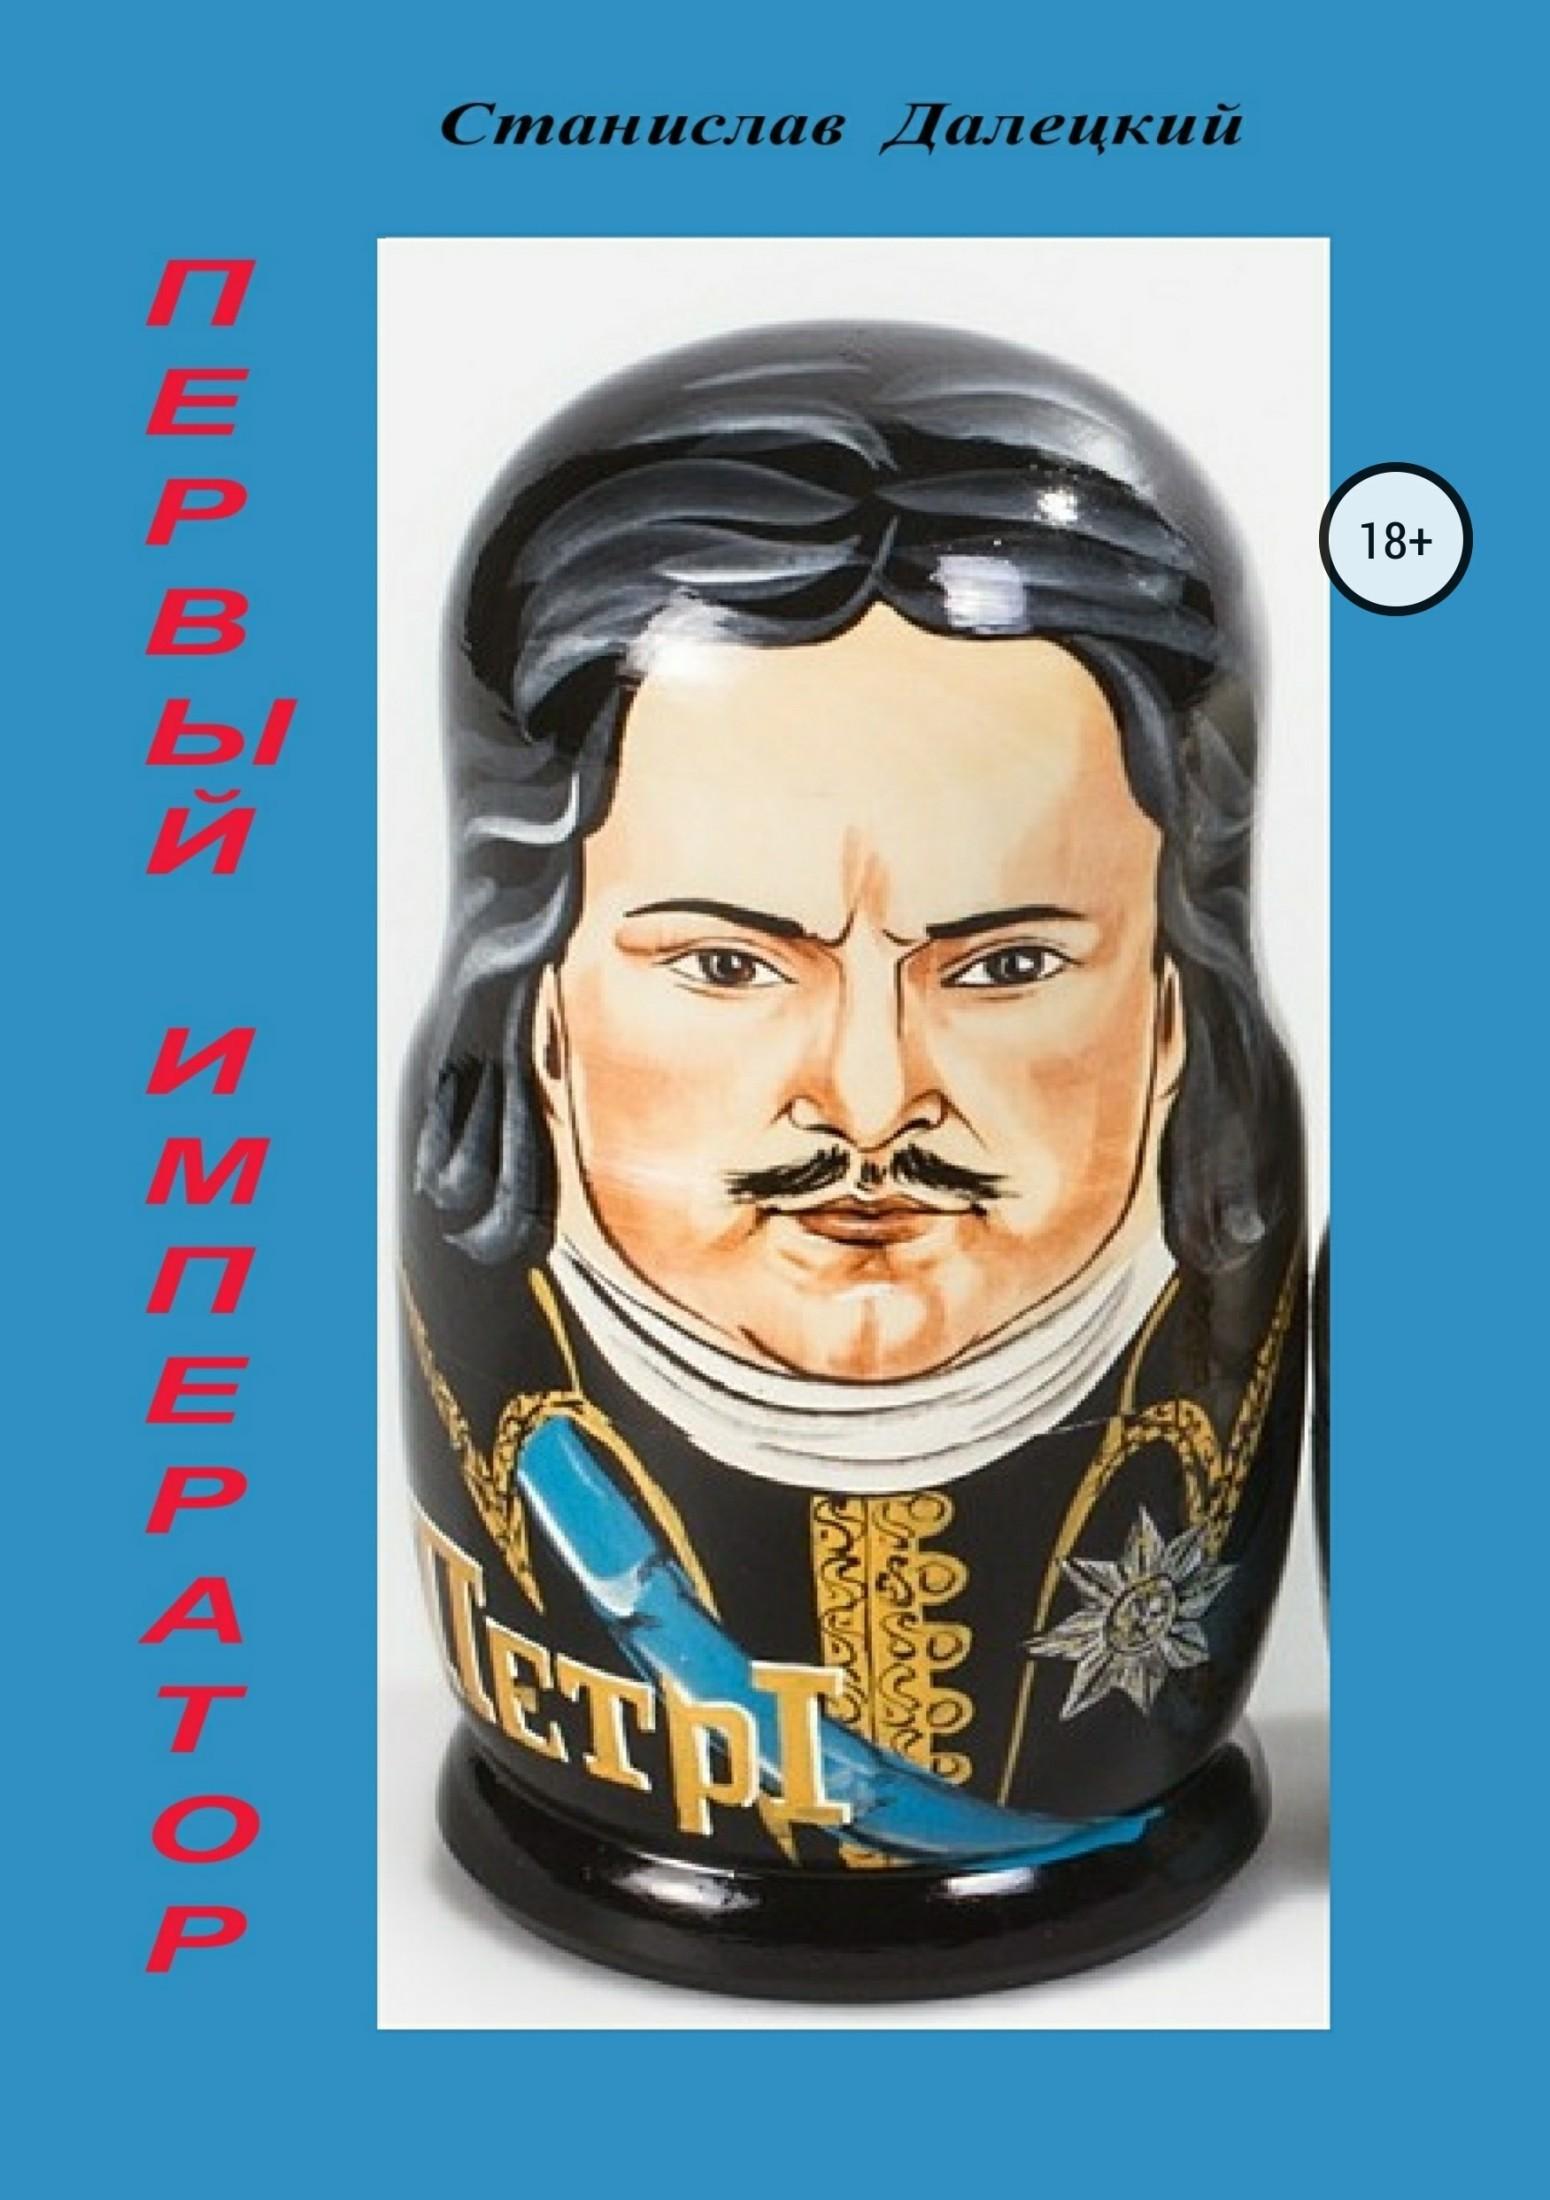 Станислав Владимирович Далецкий Первый император. Сборник якоб фон штелин подлинные истории из жизни императора петра великого